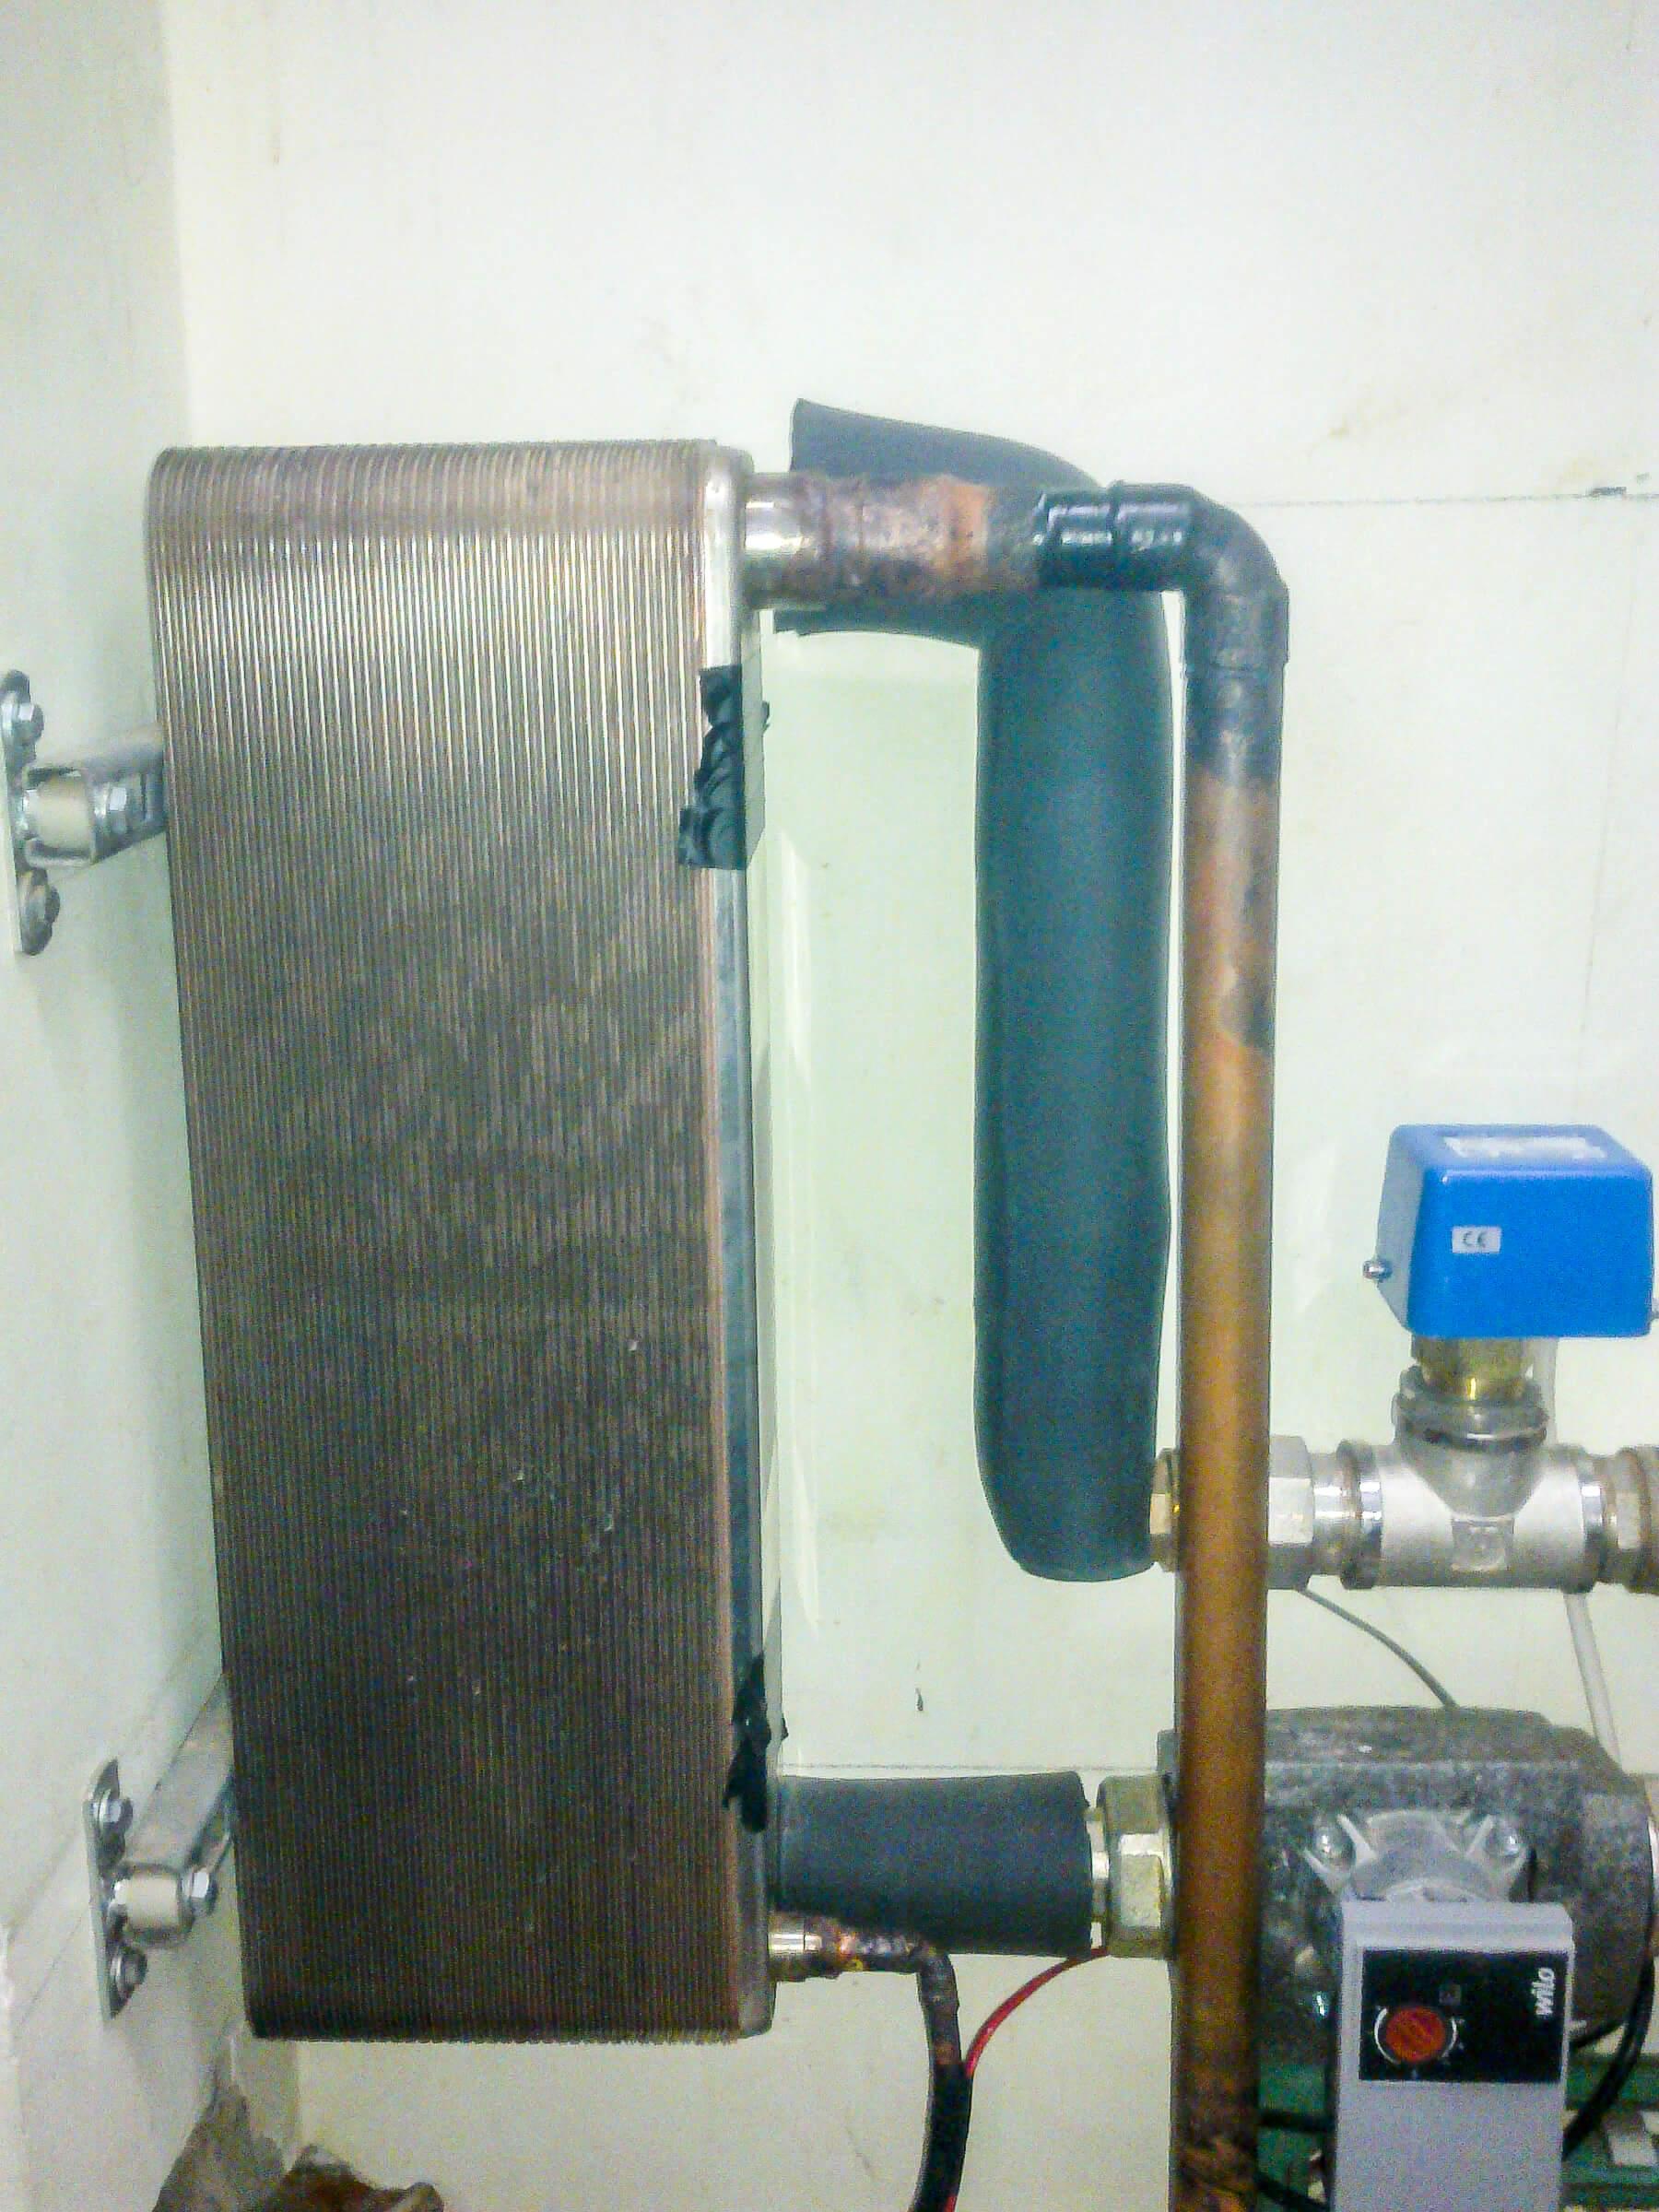 Теплообменник для теплового насоса своими руками фото 509